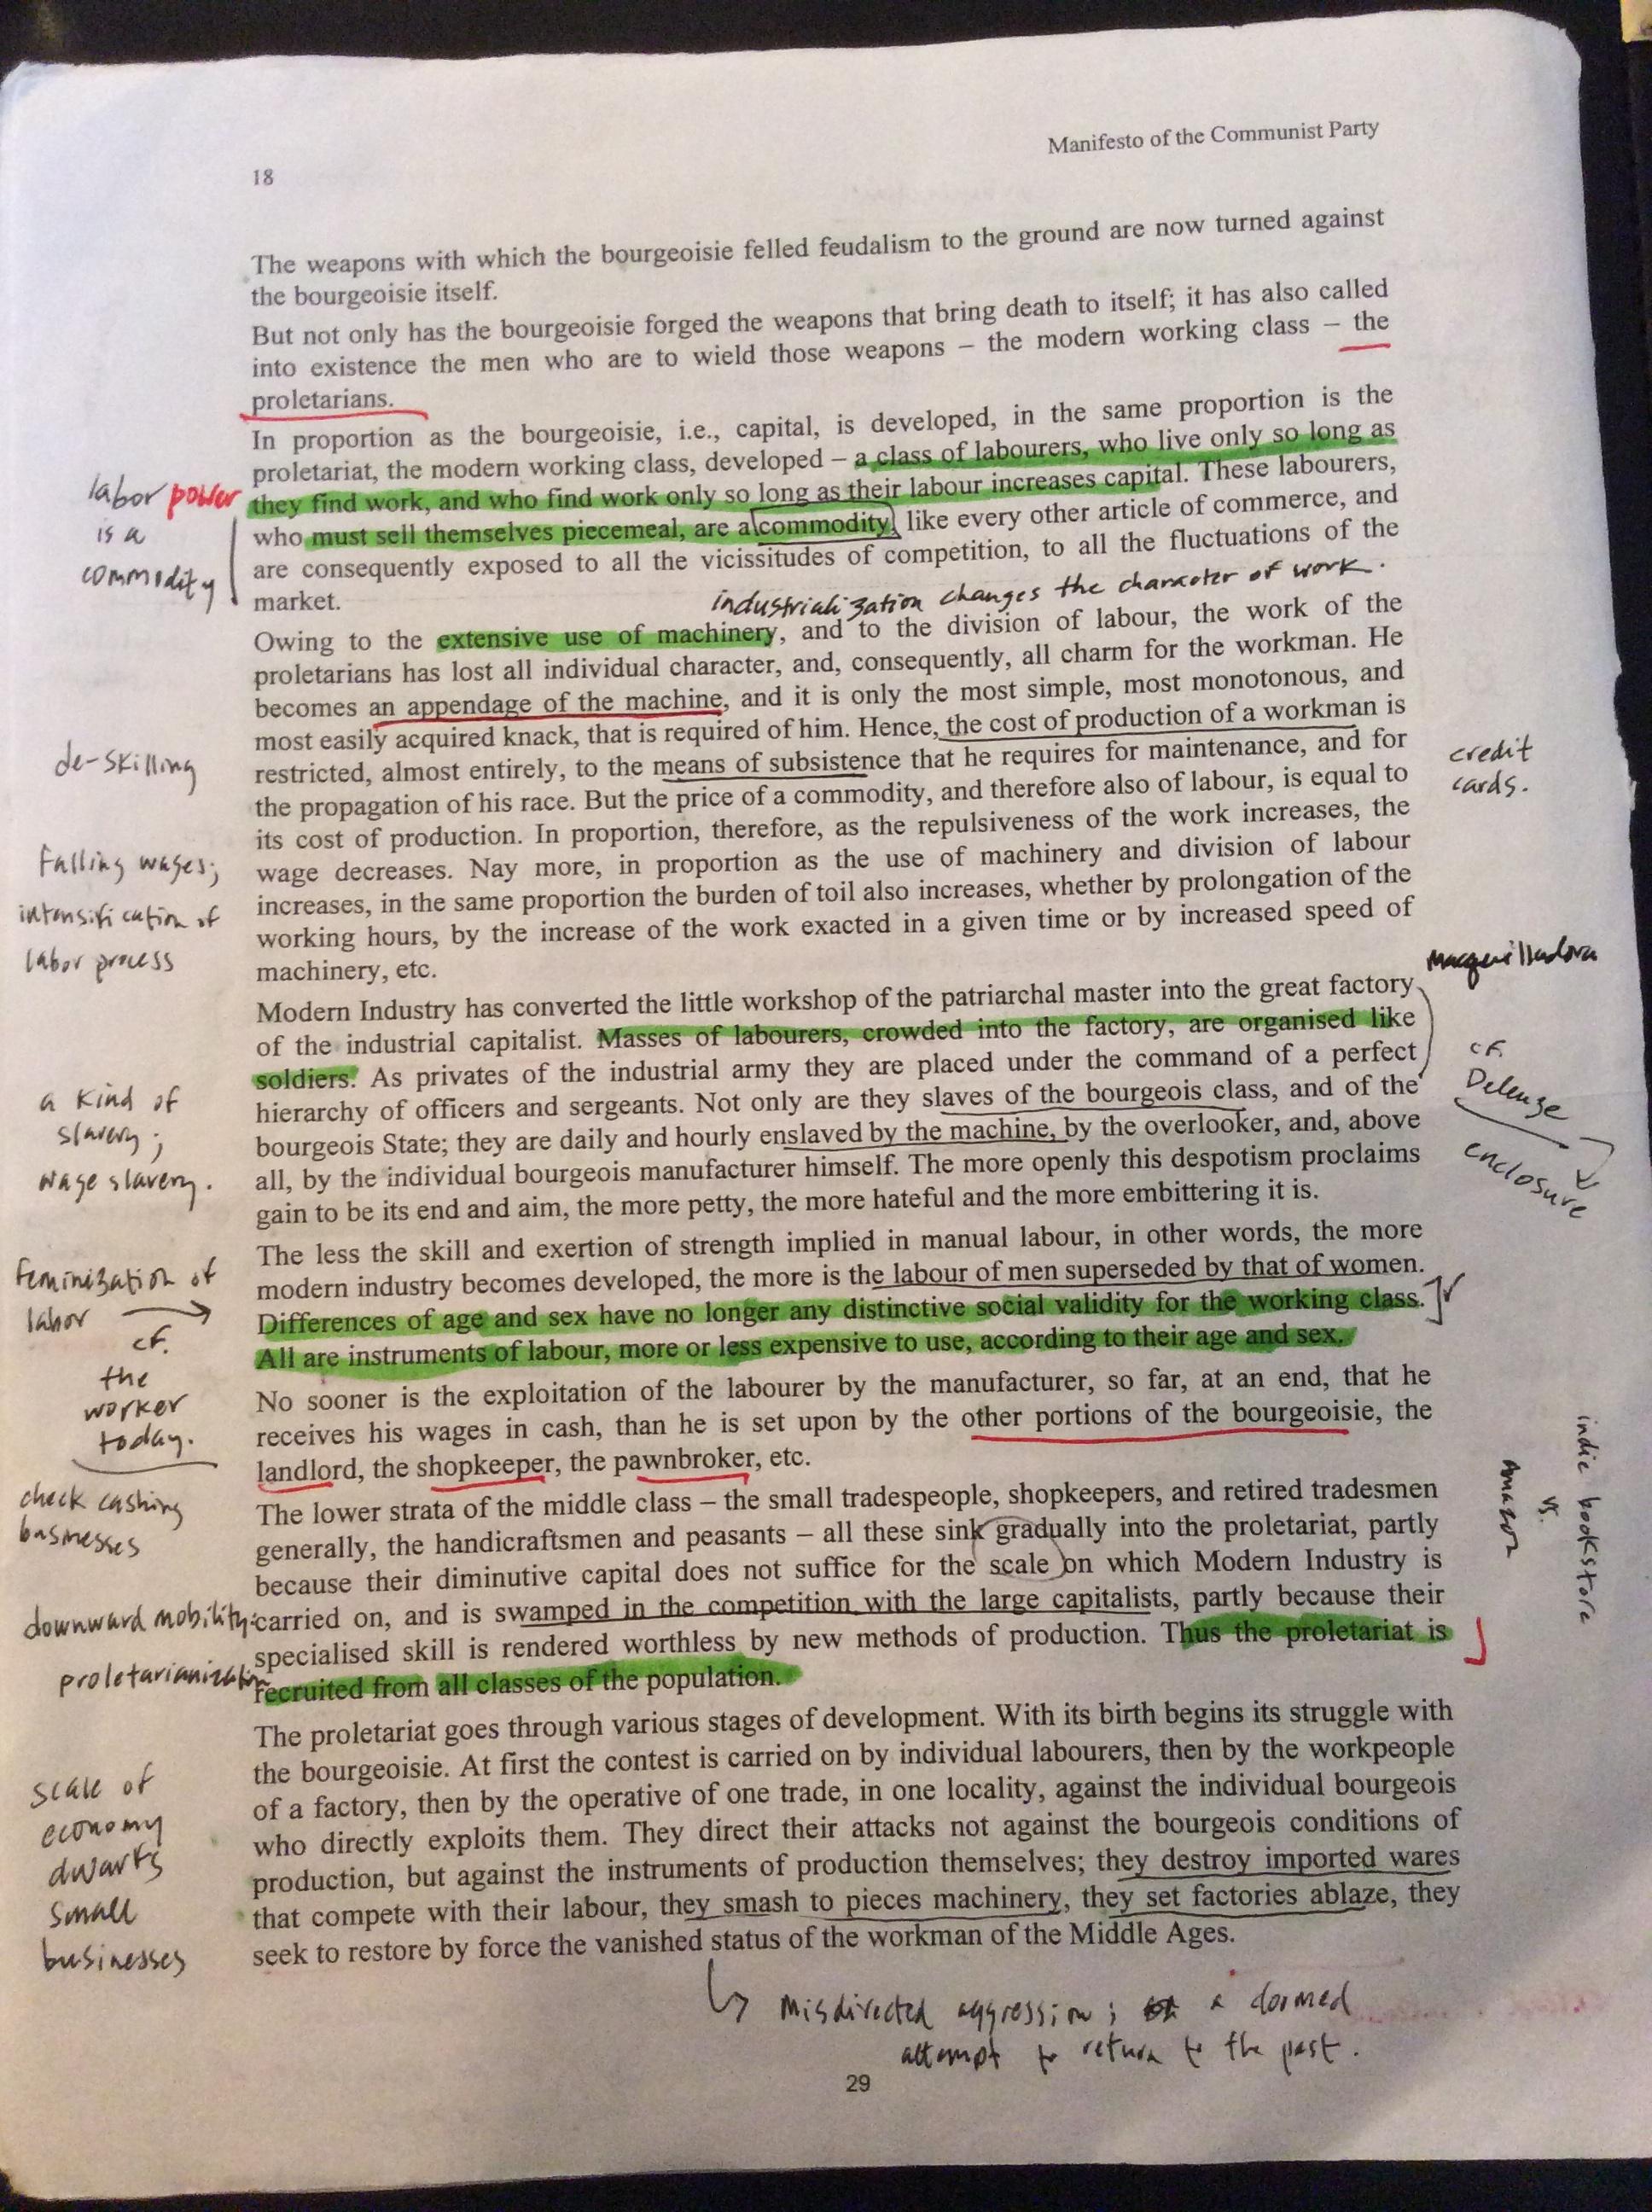 A raisin in the sun compare and contrast essay